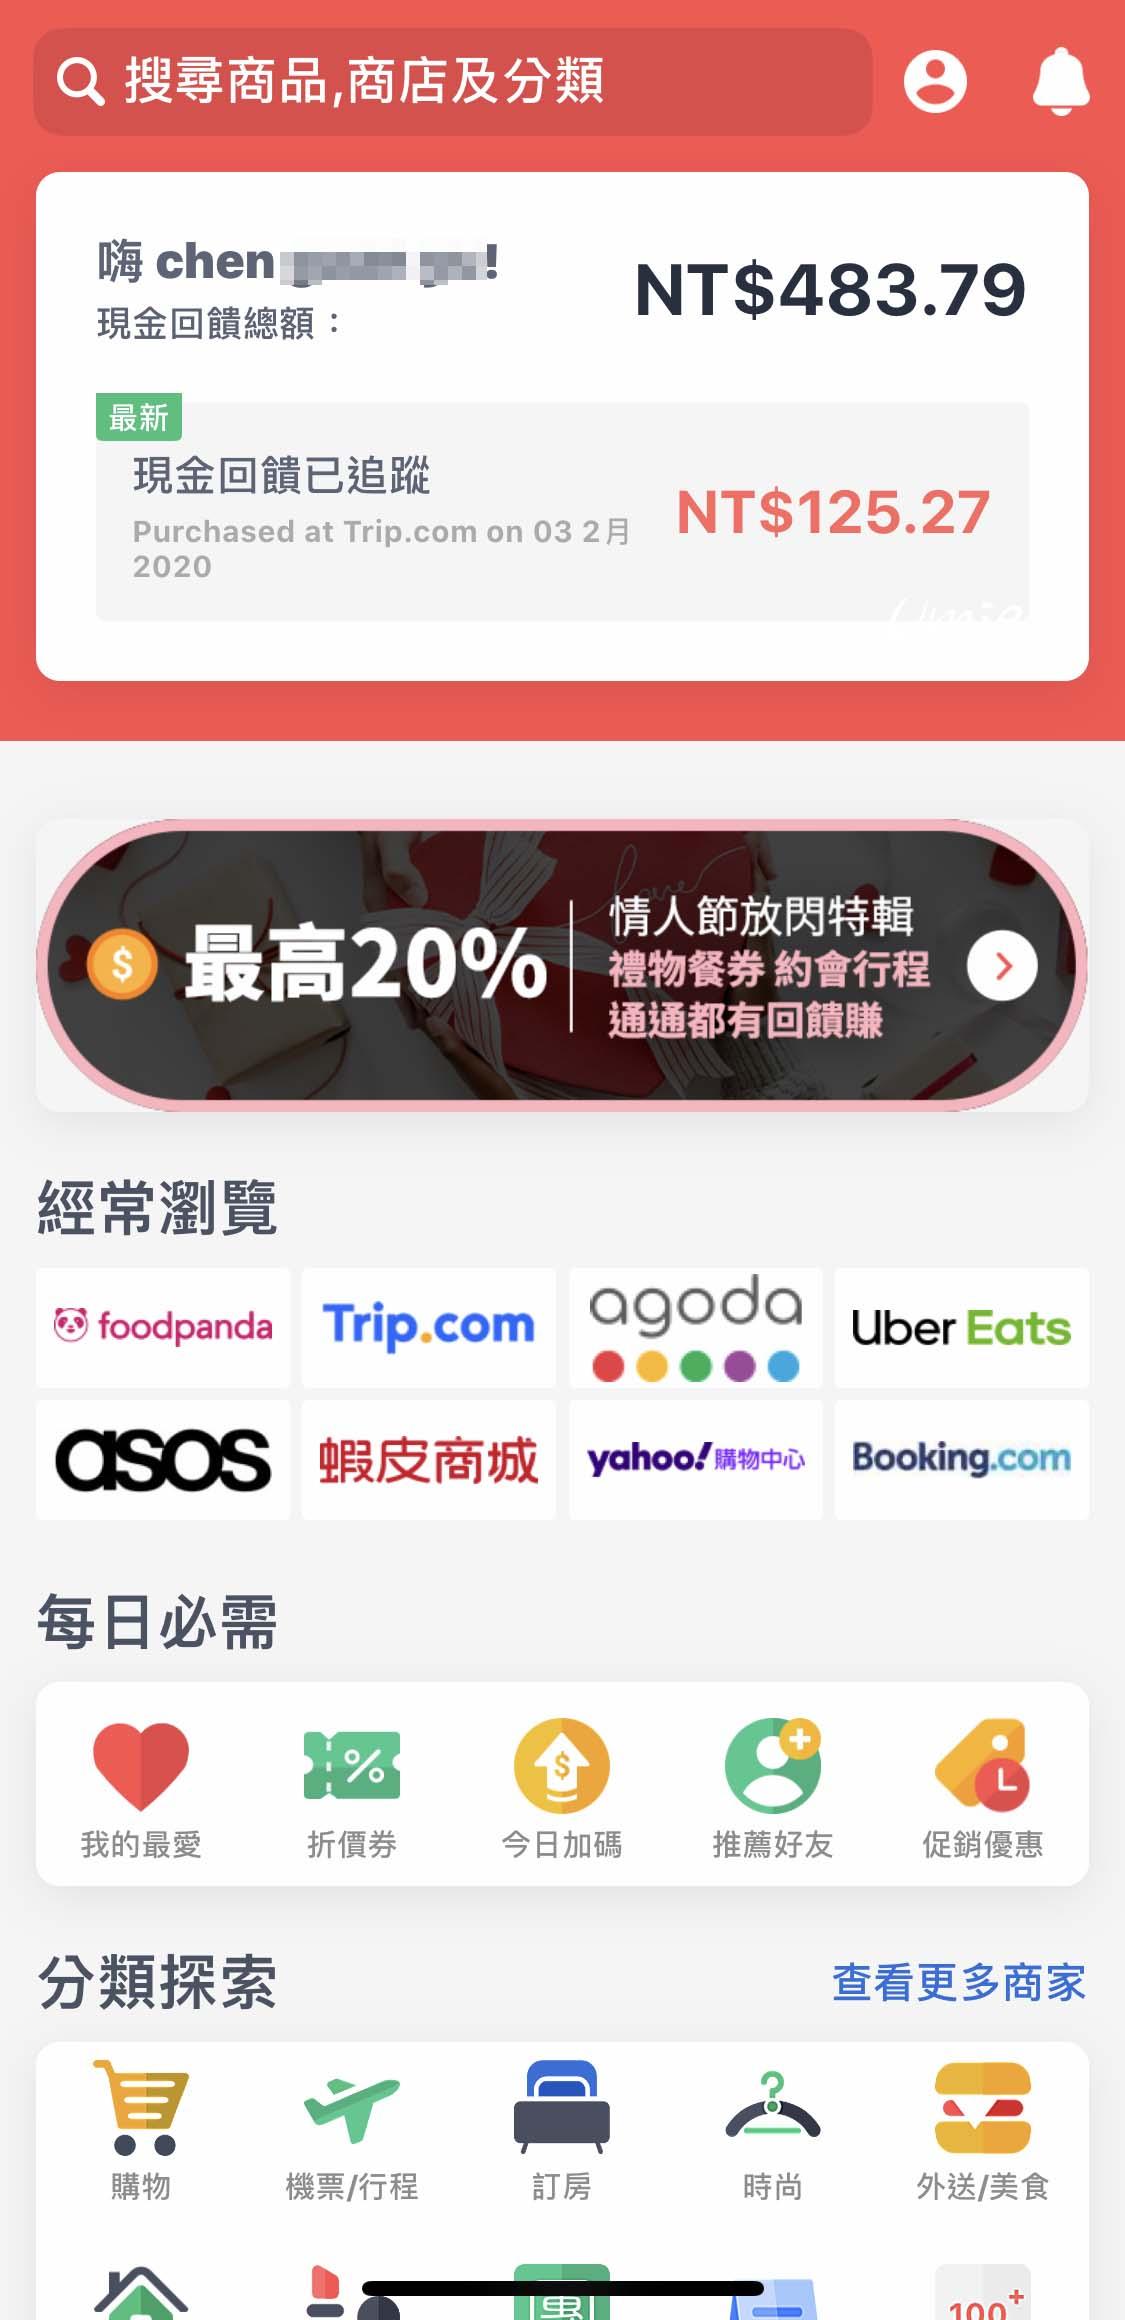 讓叫外送美食、旅行、生活無時無地賺現金紅利!ShopBack 網路購物返利、現金回饋平台超推薦!